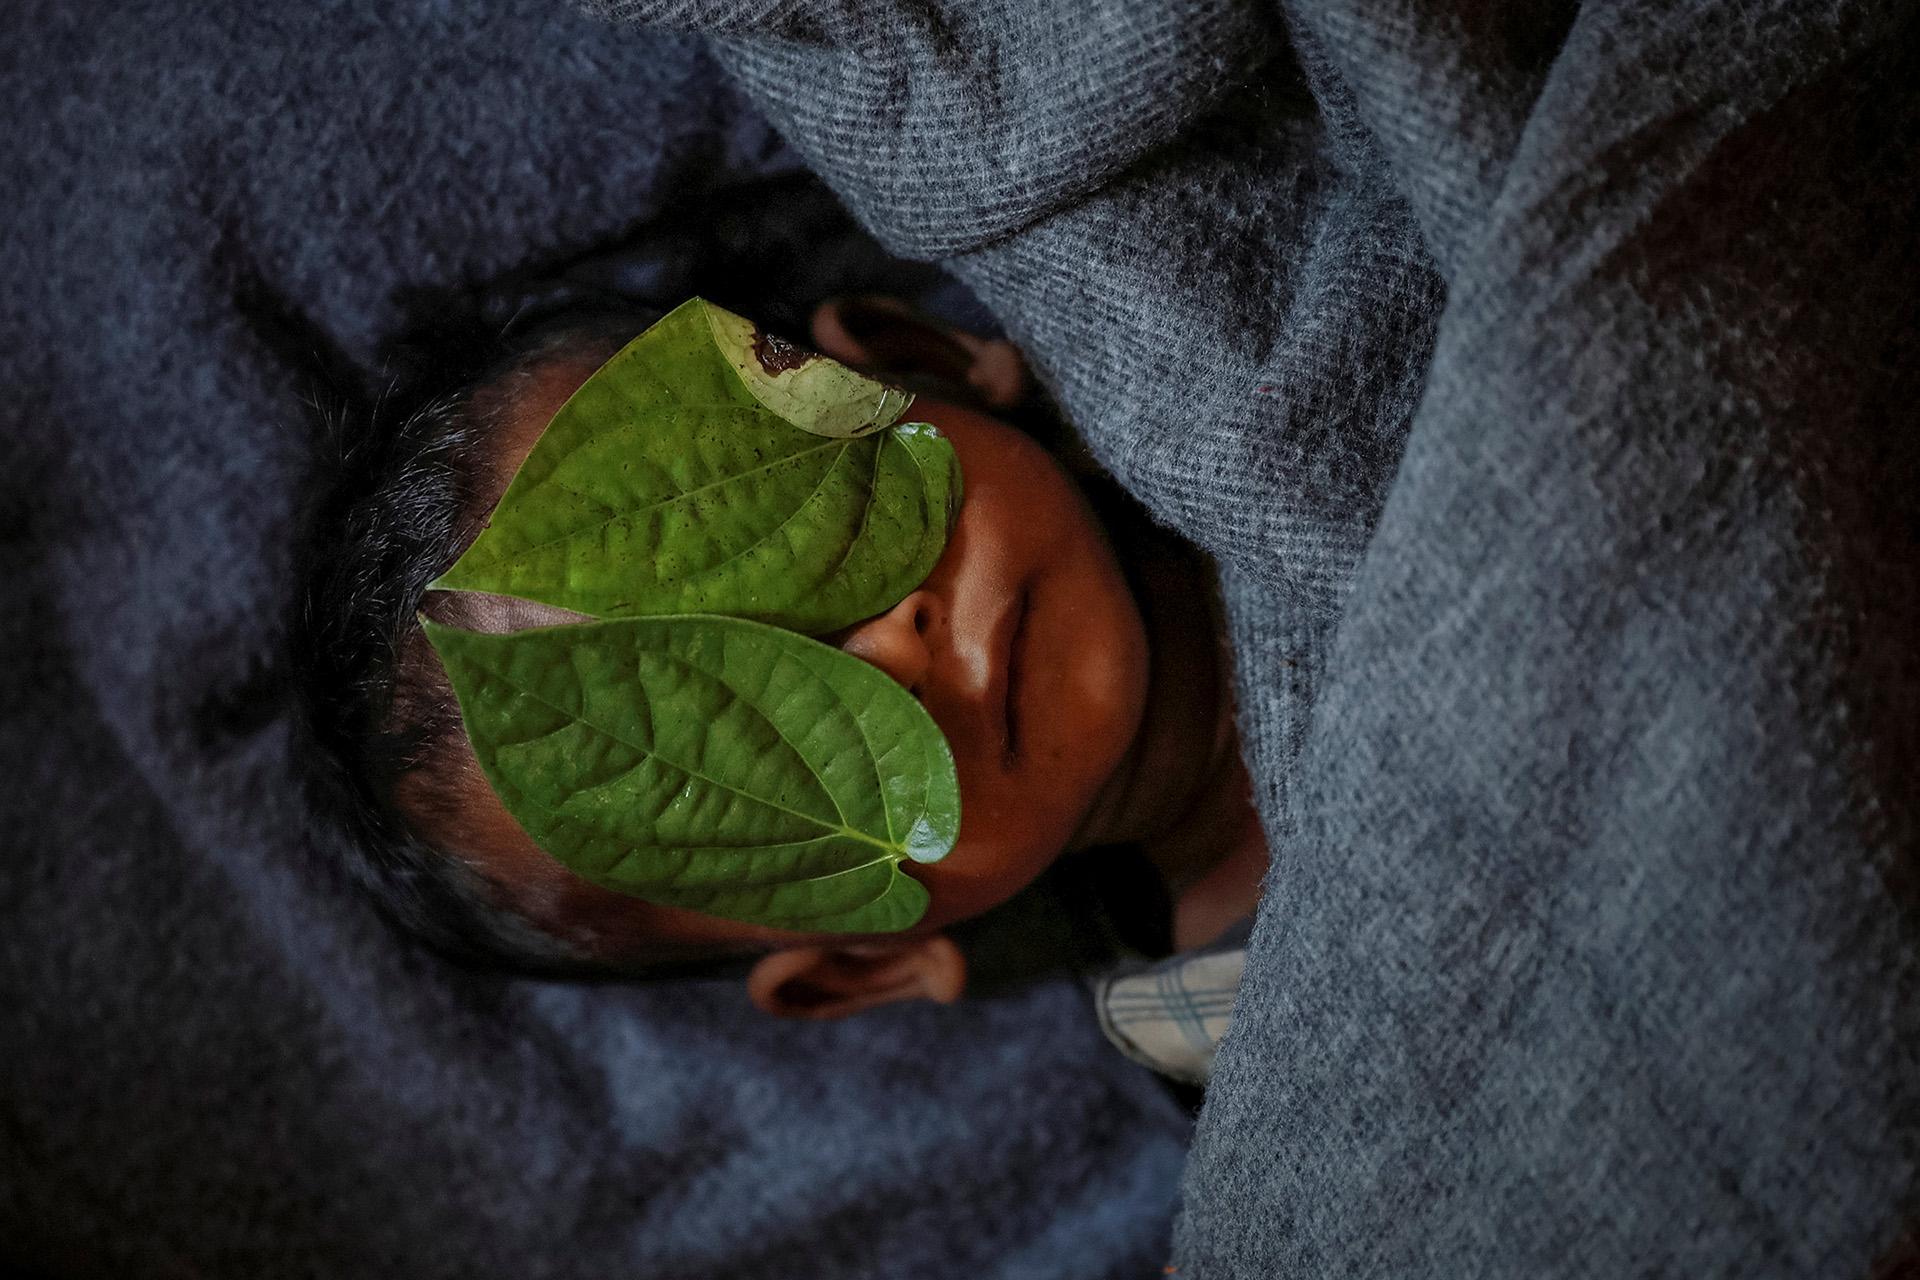 Cubren la cara de Abdul Aziz, refugiado rohingya de 11 meses de edad, cuyo cuerpo envuelto yacía en su refugio familiar después de morir luchando con fiebre alta y tos en el campo de refugiados de Balukhali cerca de Cox's Bazar, Bangladesh, 4 de diciembre de 2017. ( Damir Sagolj)